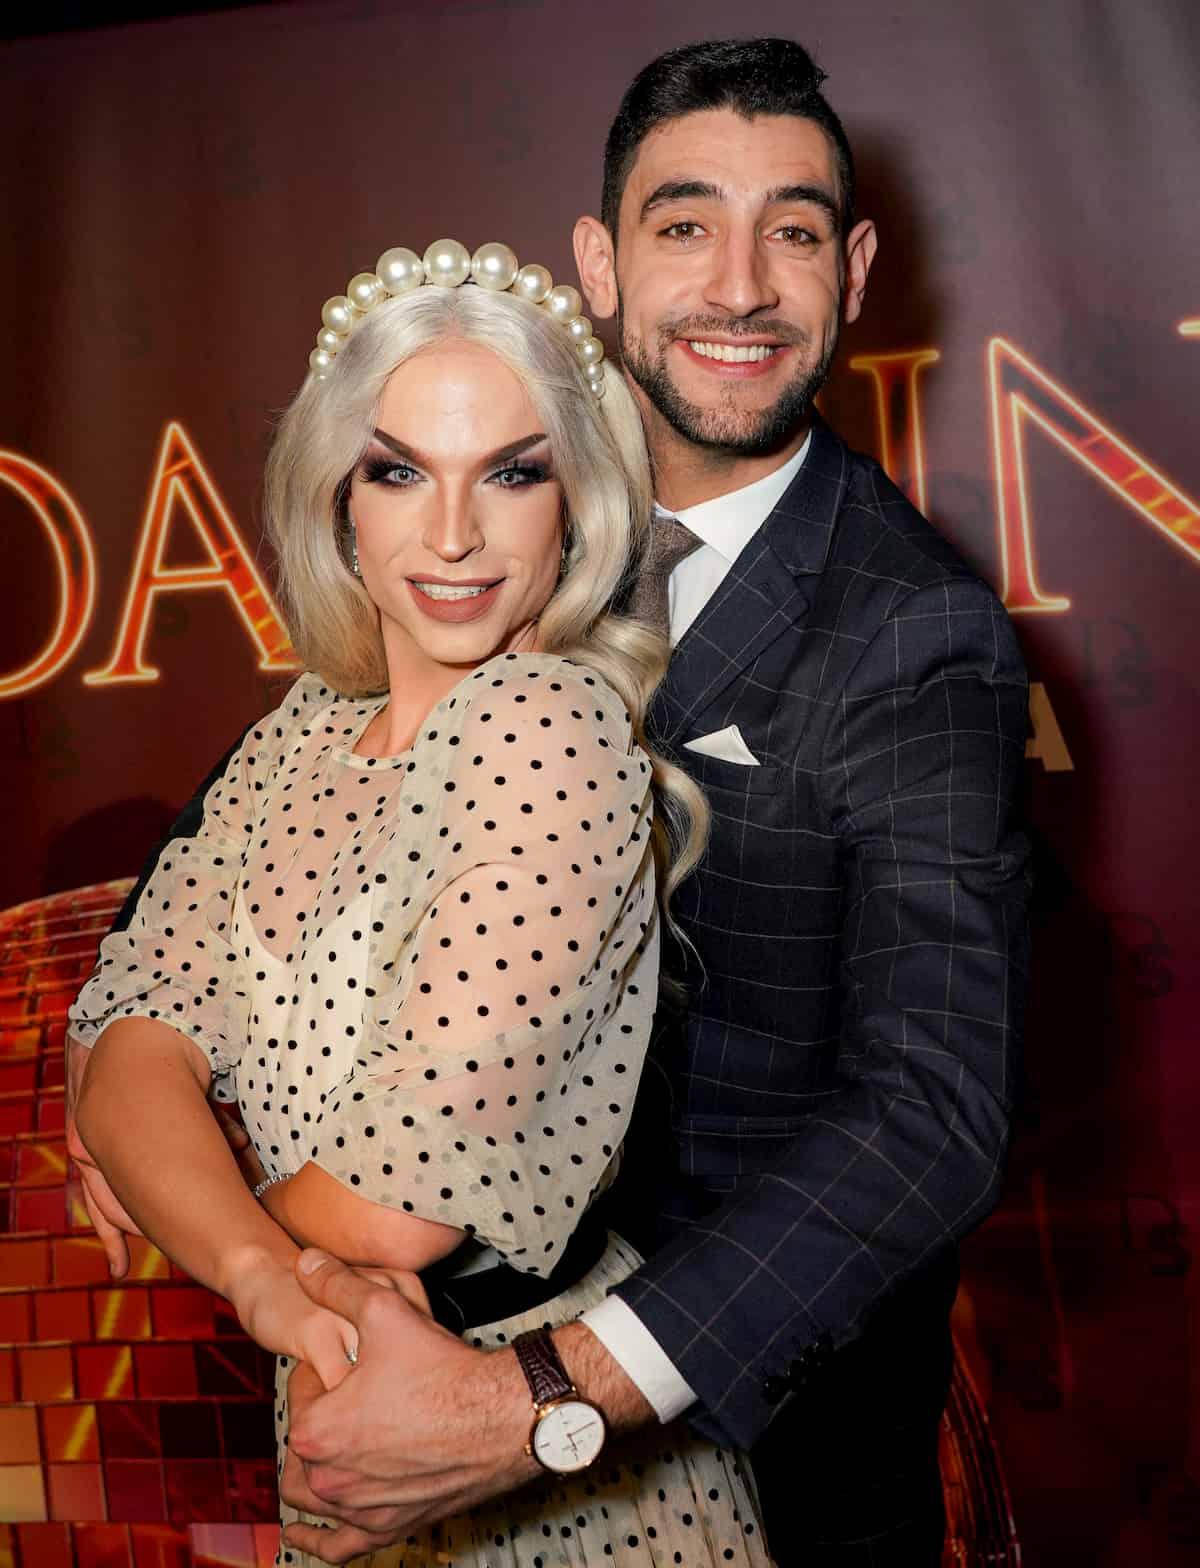 Tamara Mascara - Dimitar Stefanin als Tanzpaar bei den DancingStars 2020 dabei